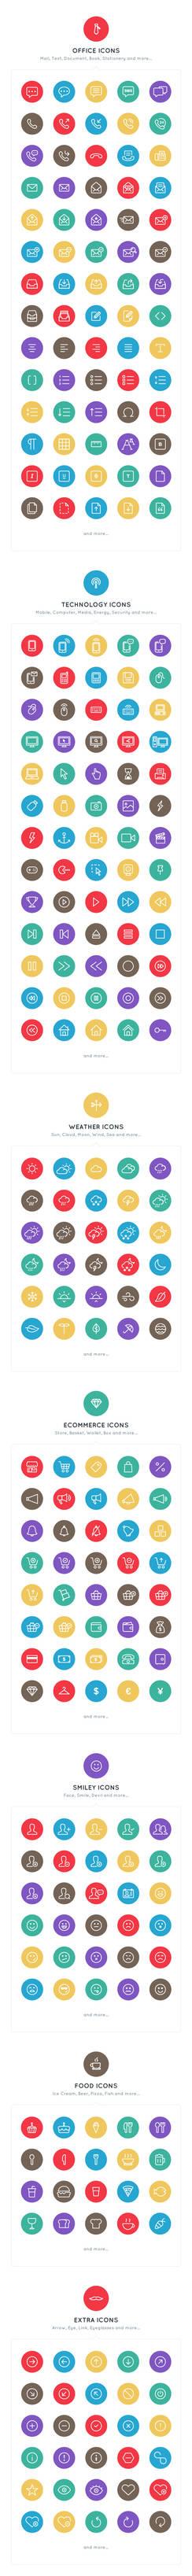 740+ Line Icons